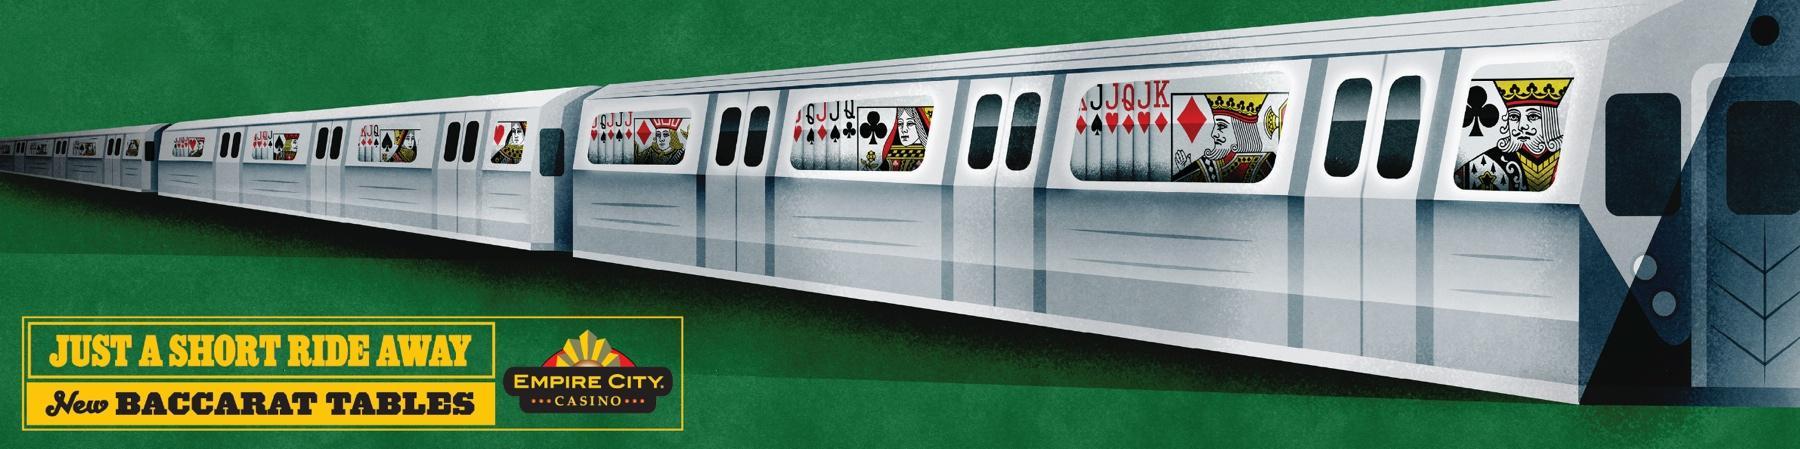 Empire City Casino Outdoor Ad -  Train